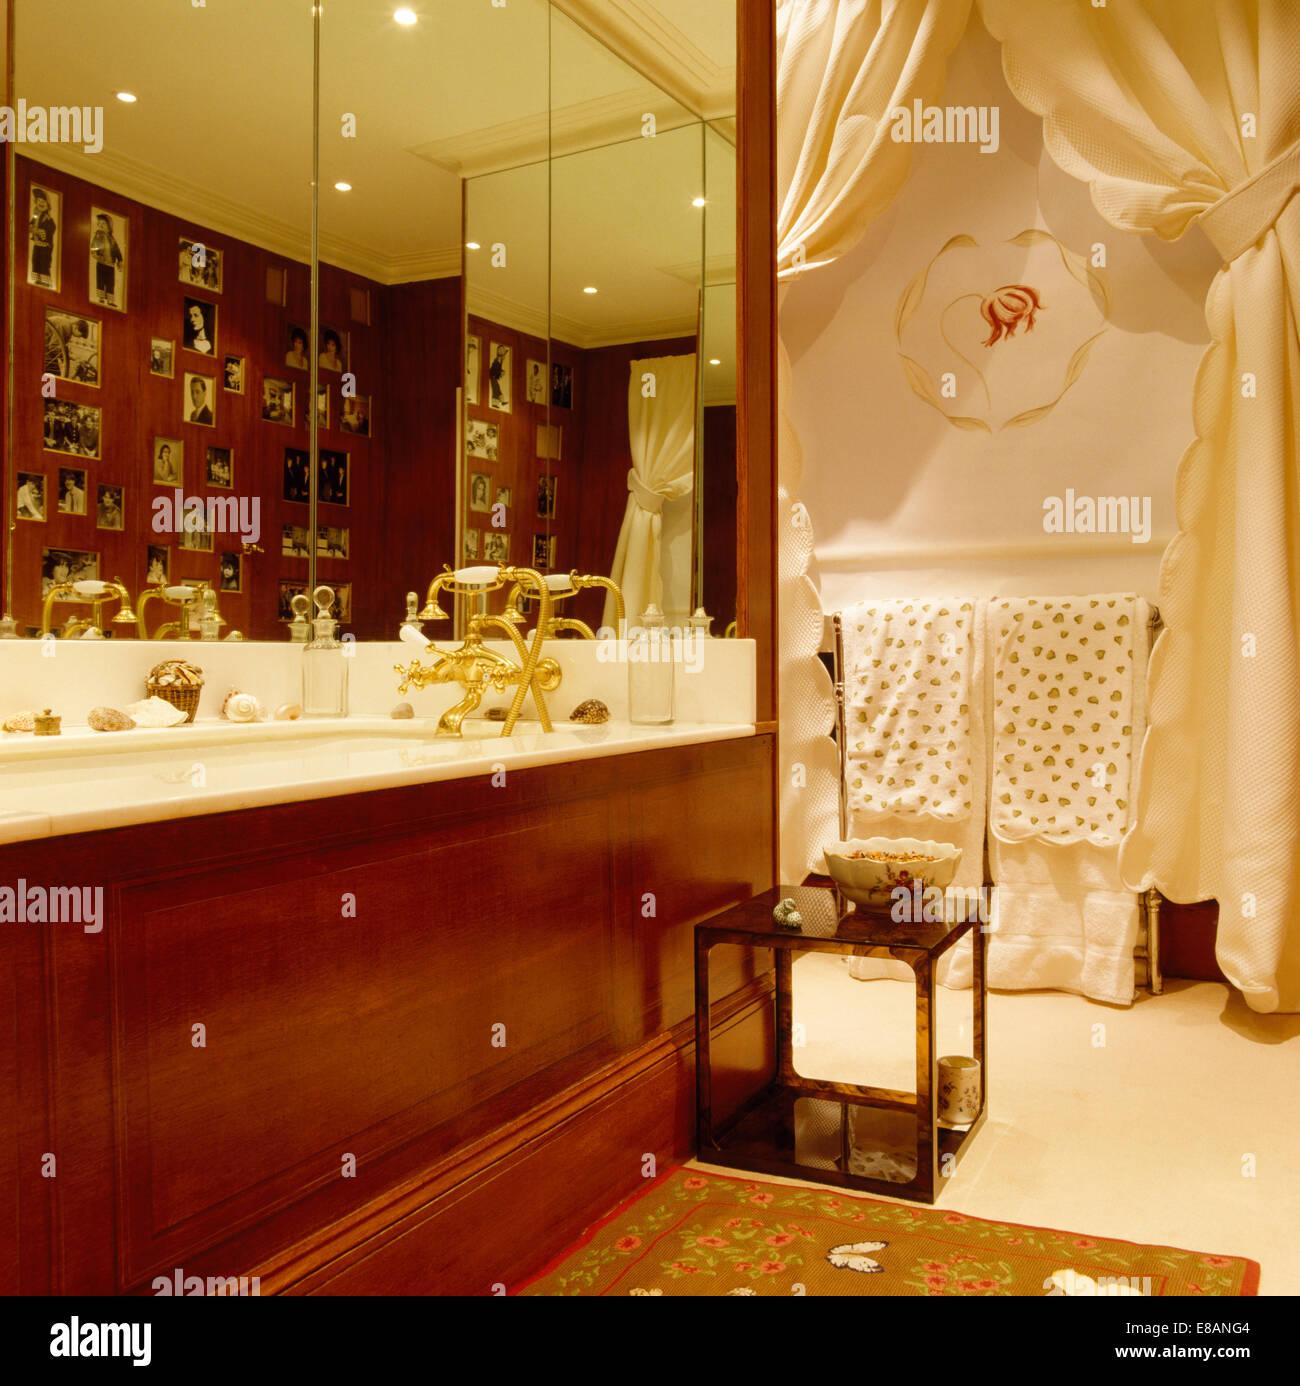 Meuble Salle De Bain Oakland ~ Miroir Mural Au Dessus Du Panneau En Bois Poli Avec Baignoire Dans